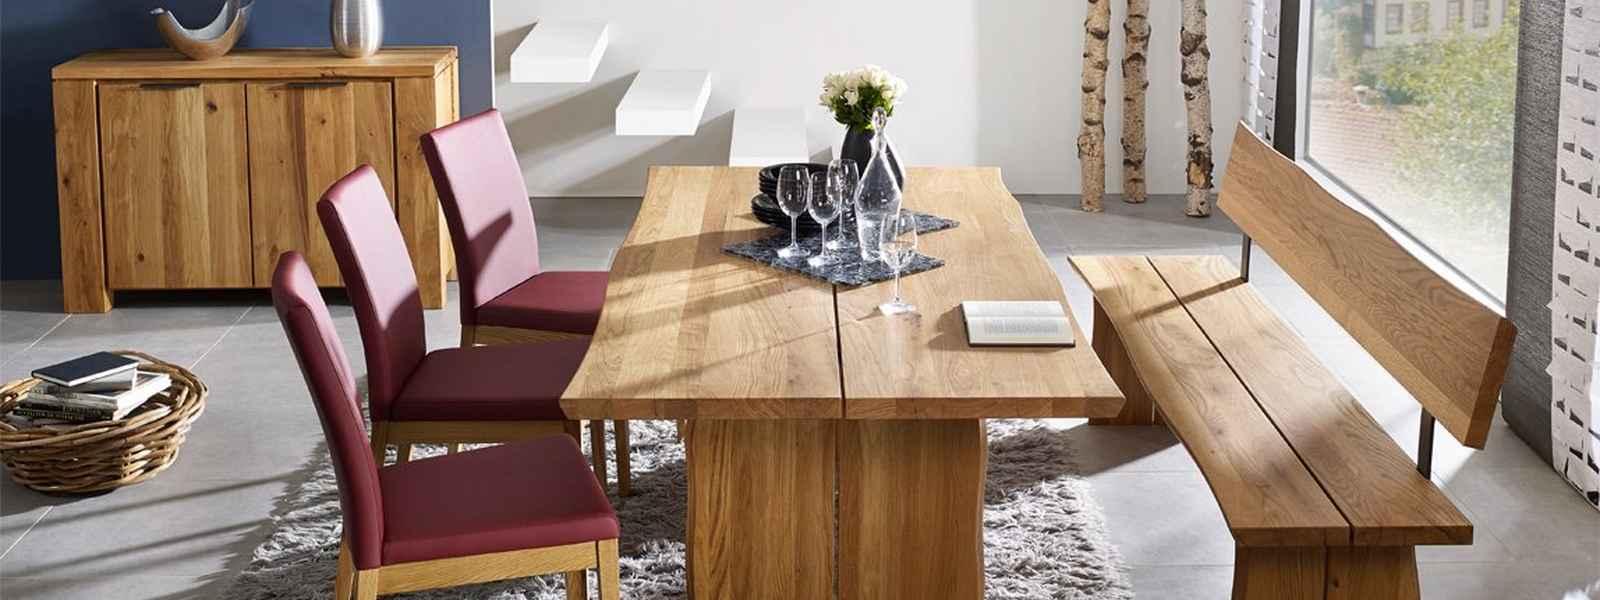 Schösswender Tische